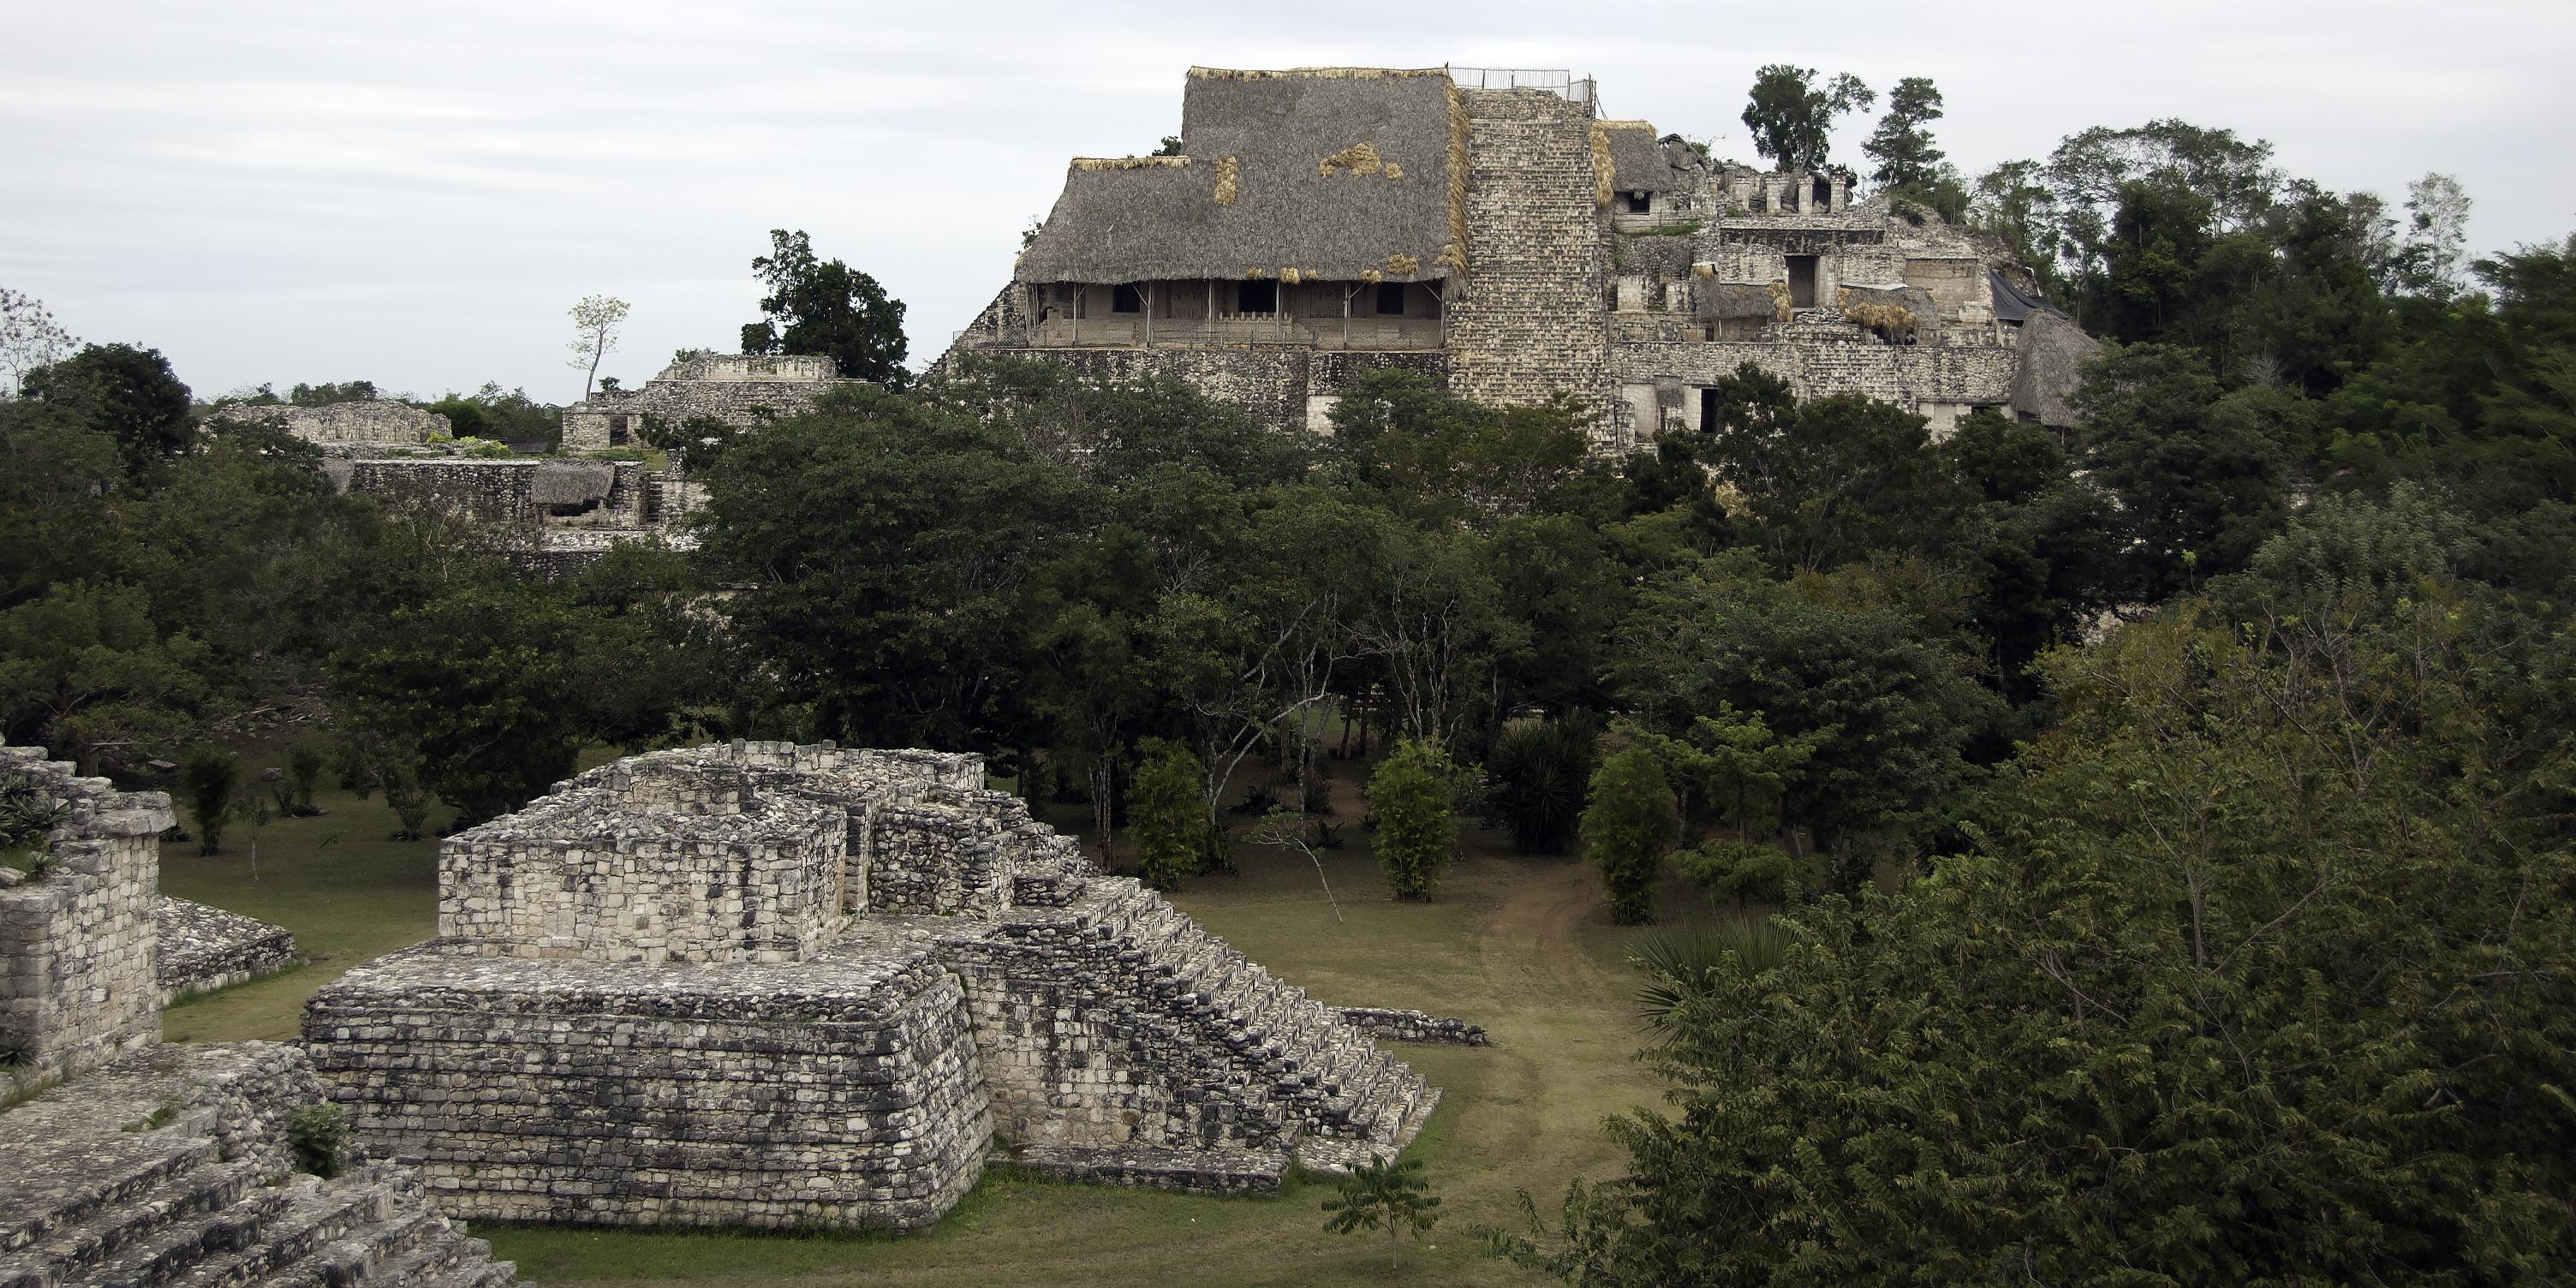 The Acropolis (Ek Balam)